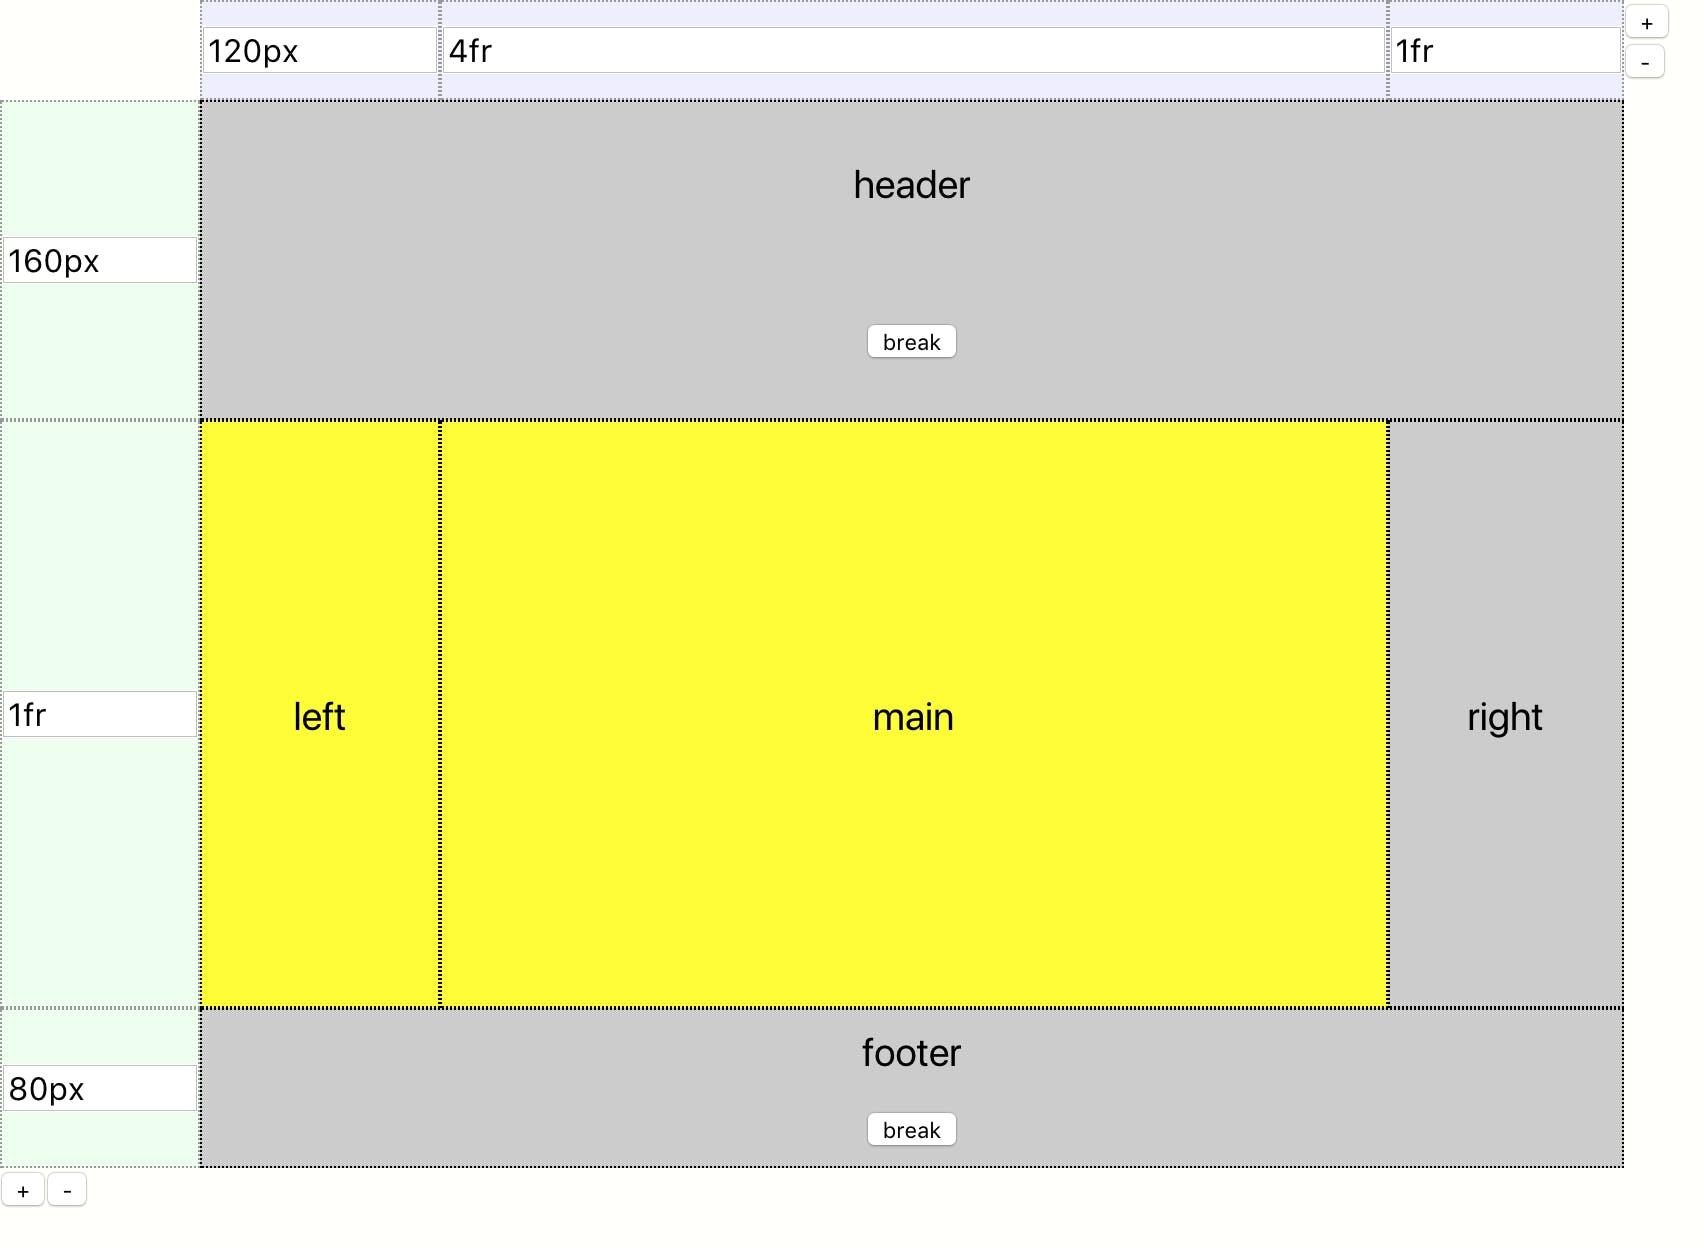 実録コミット振り返り:CSS Grid Layout GeneratorをVueで作ってみる - Qiita